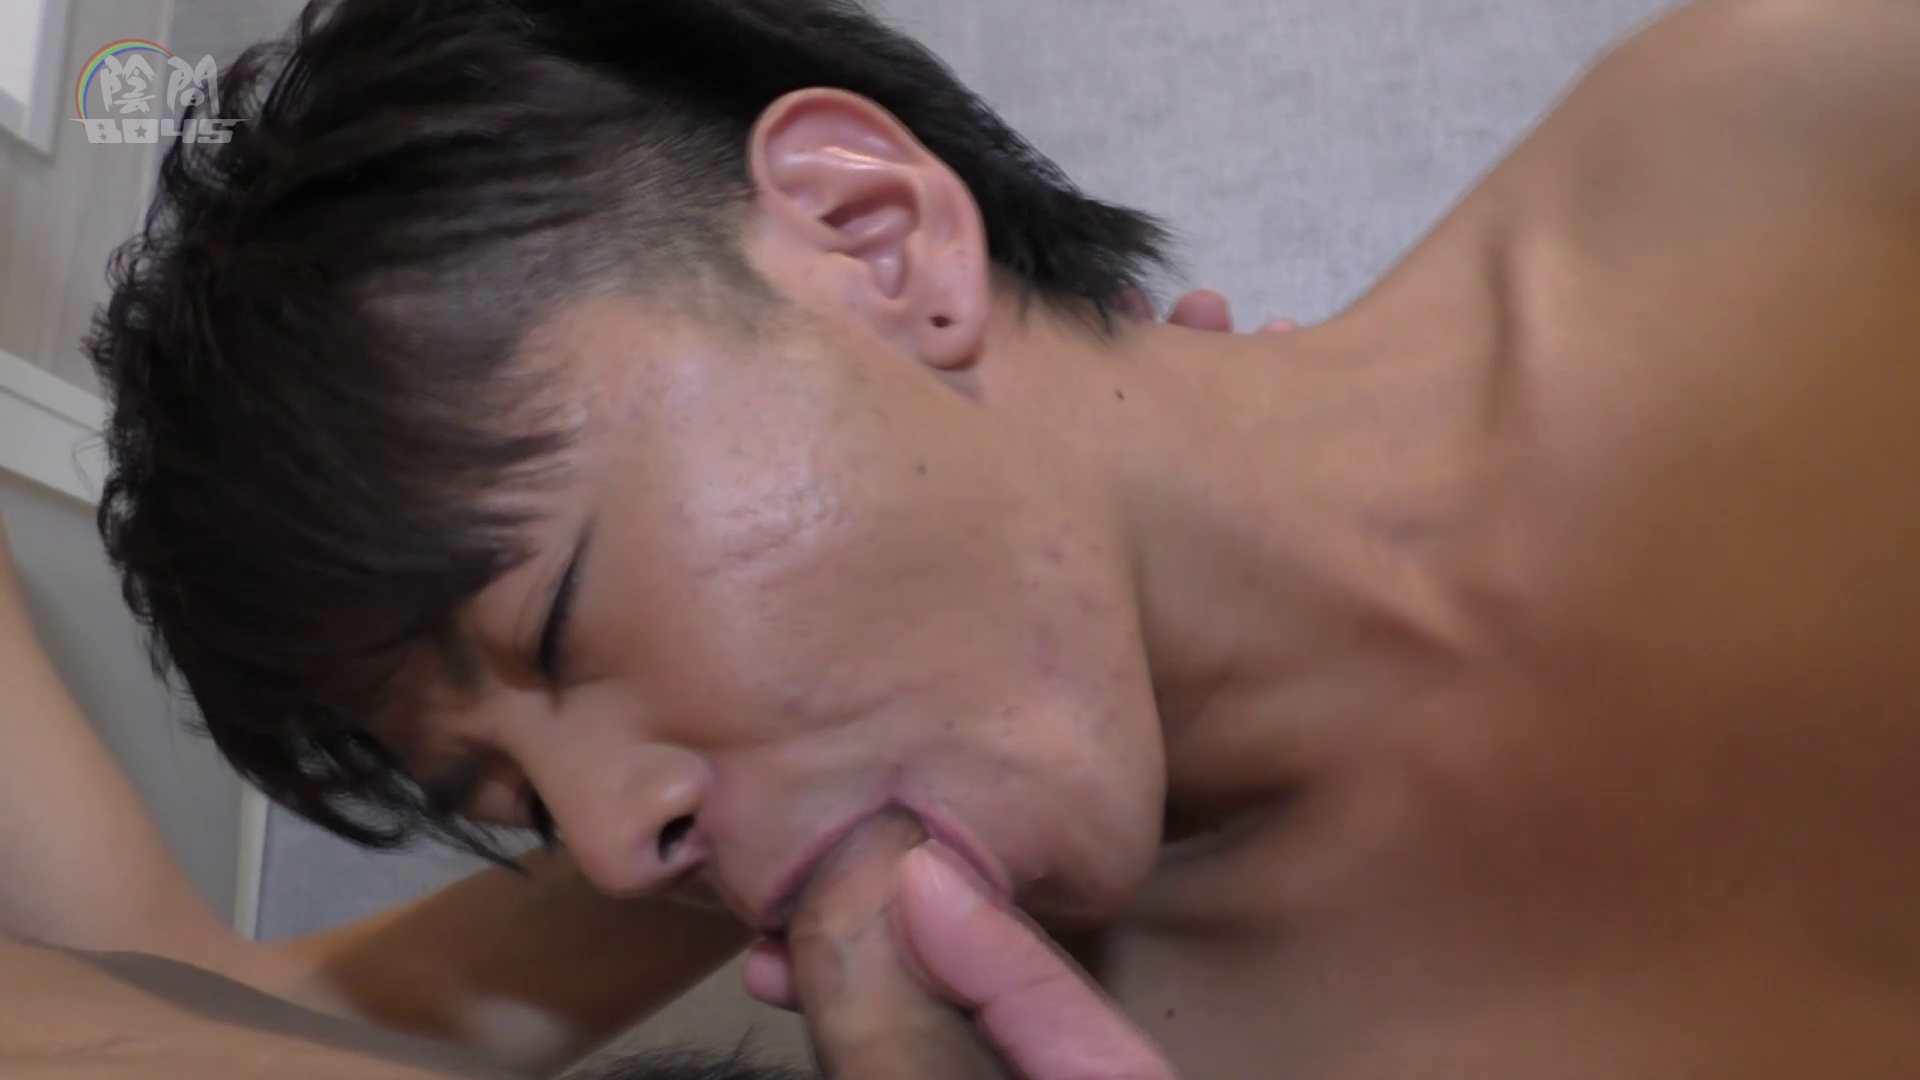 キャバクラの仕事はアナルから6  ~アナルの囁き~Vol.01 オナニー専門男子 ゲイ無修正画像 82画像 56